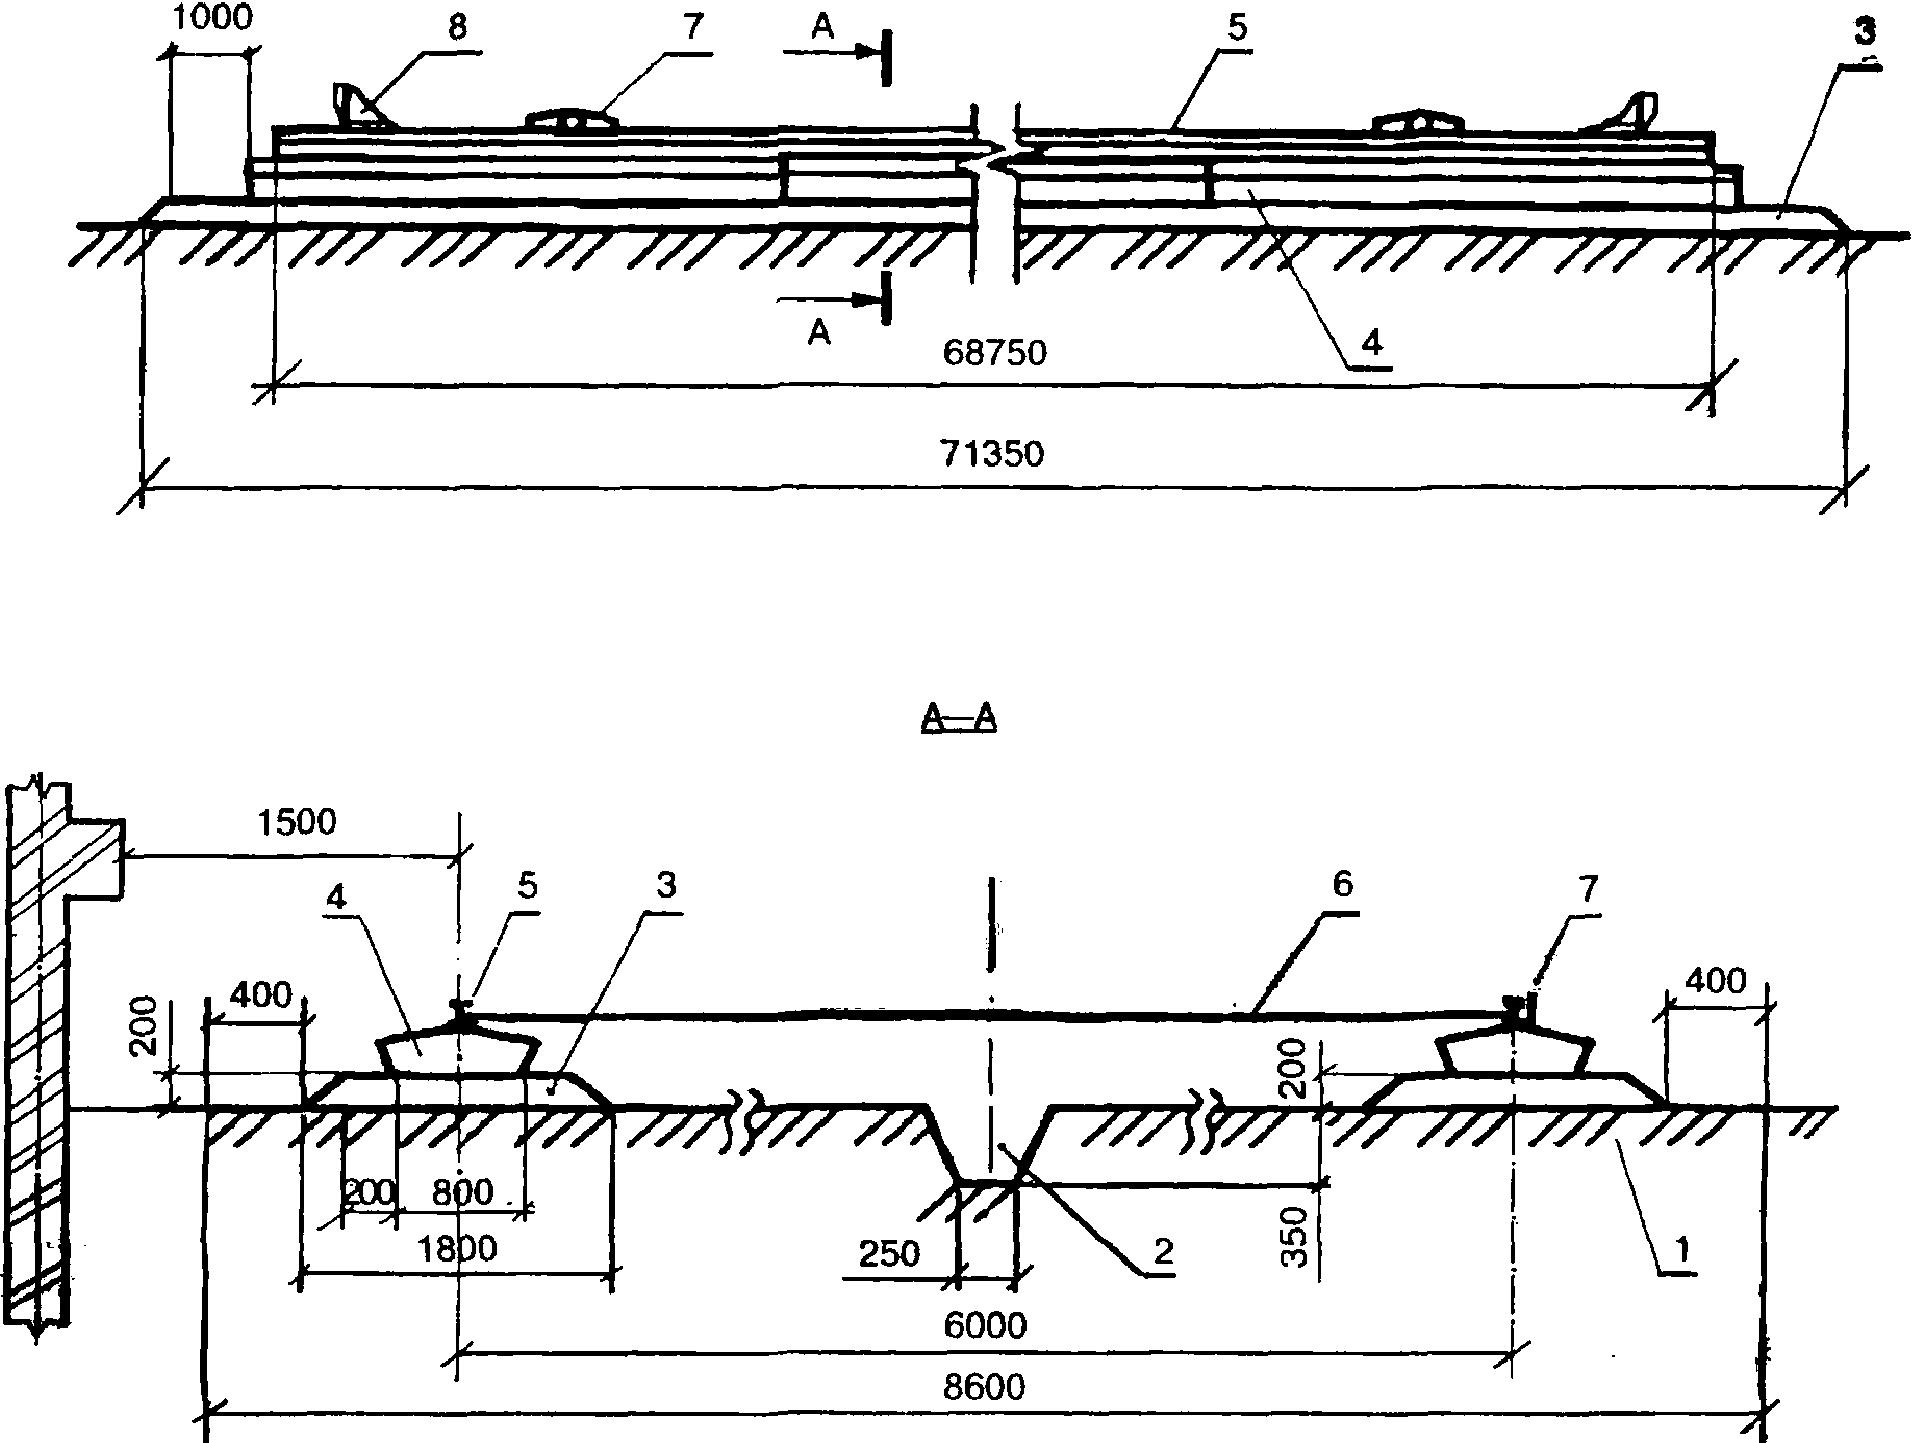 Балки подкрановых путей БРП 628328